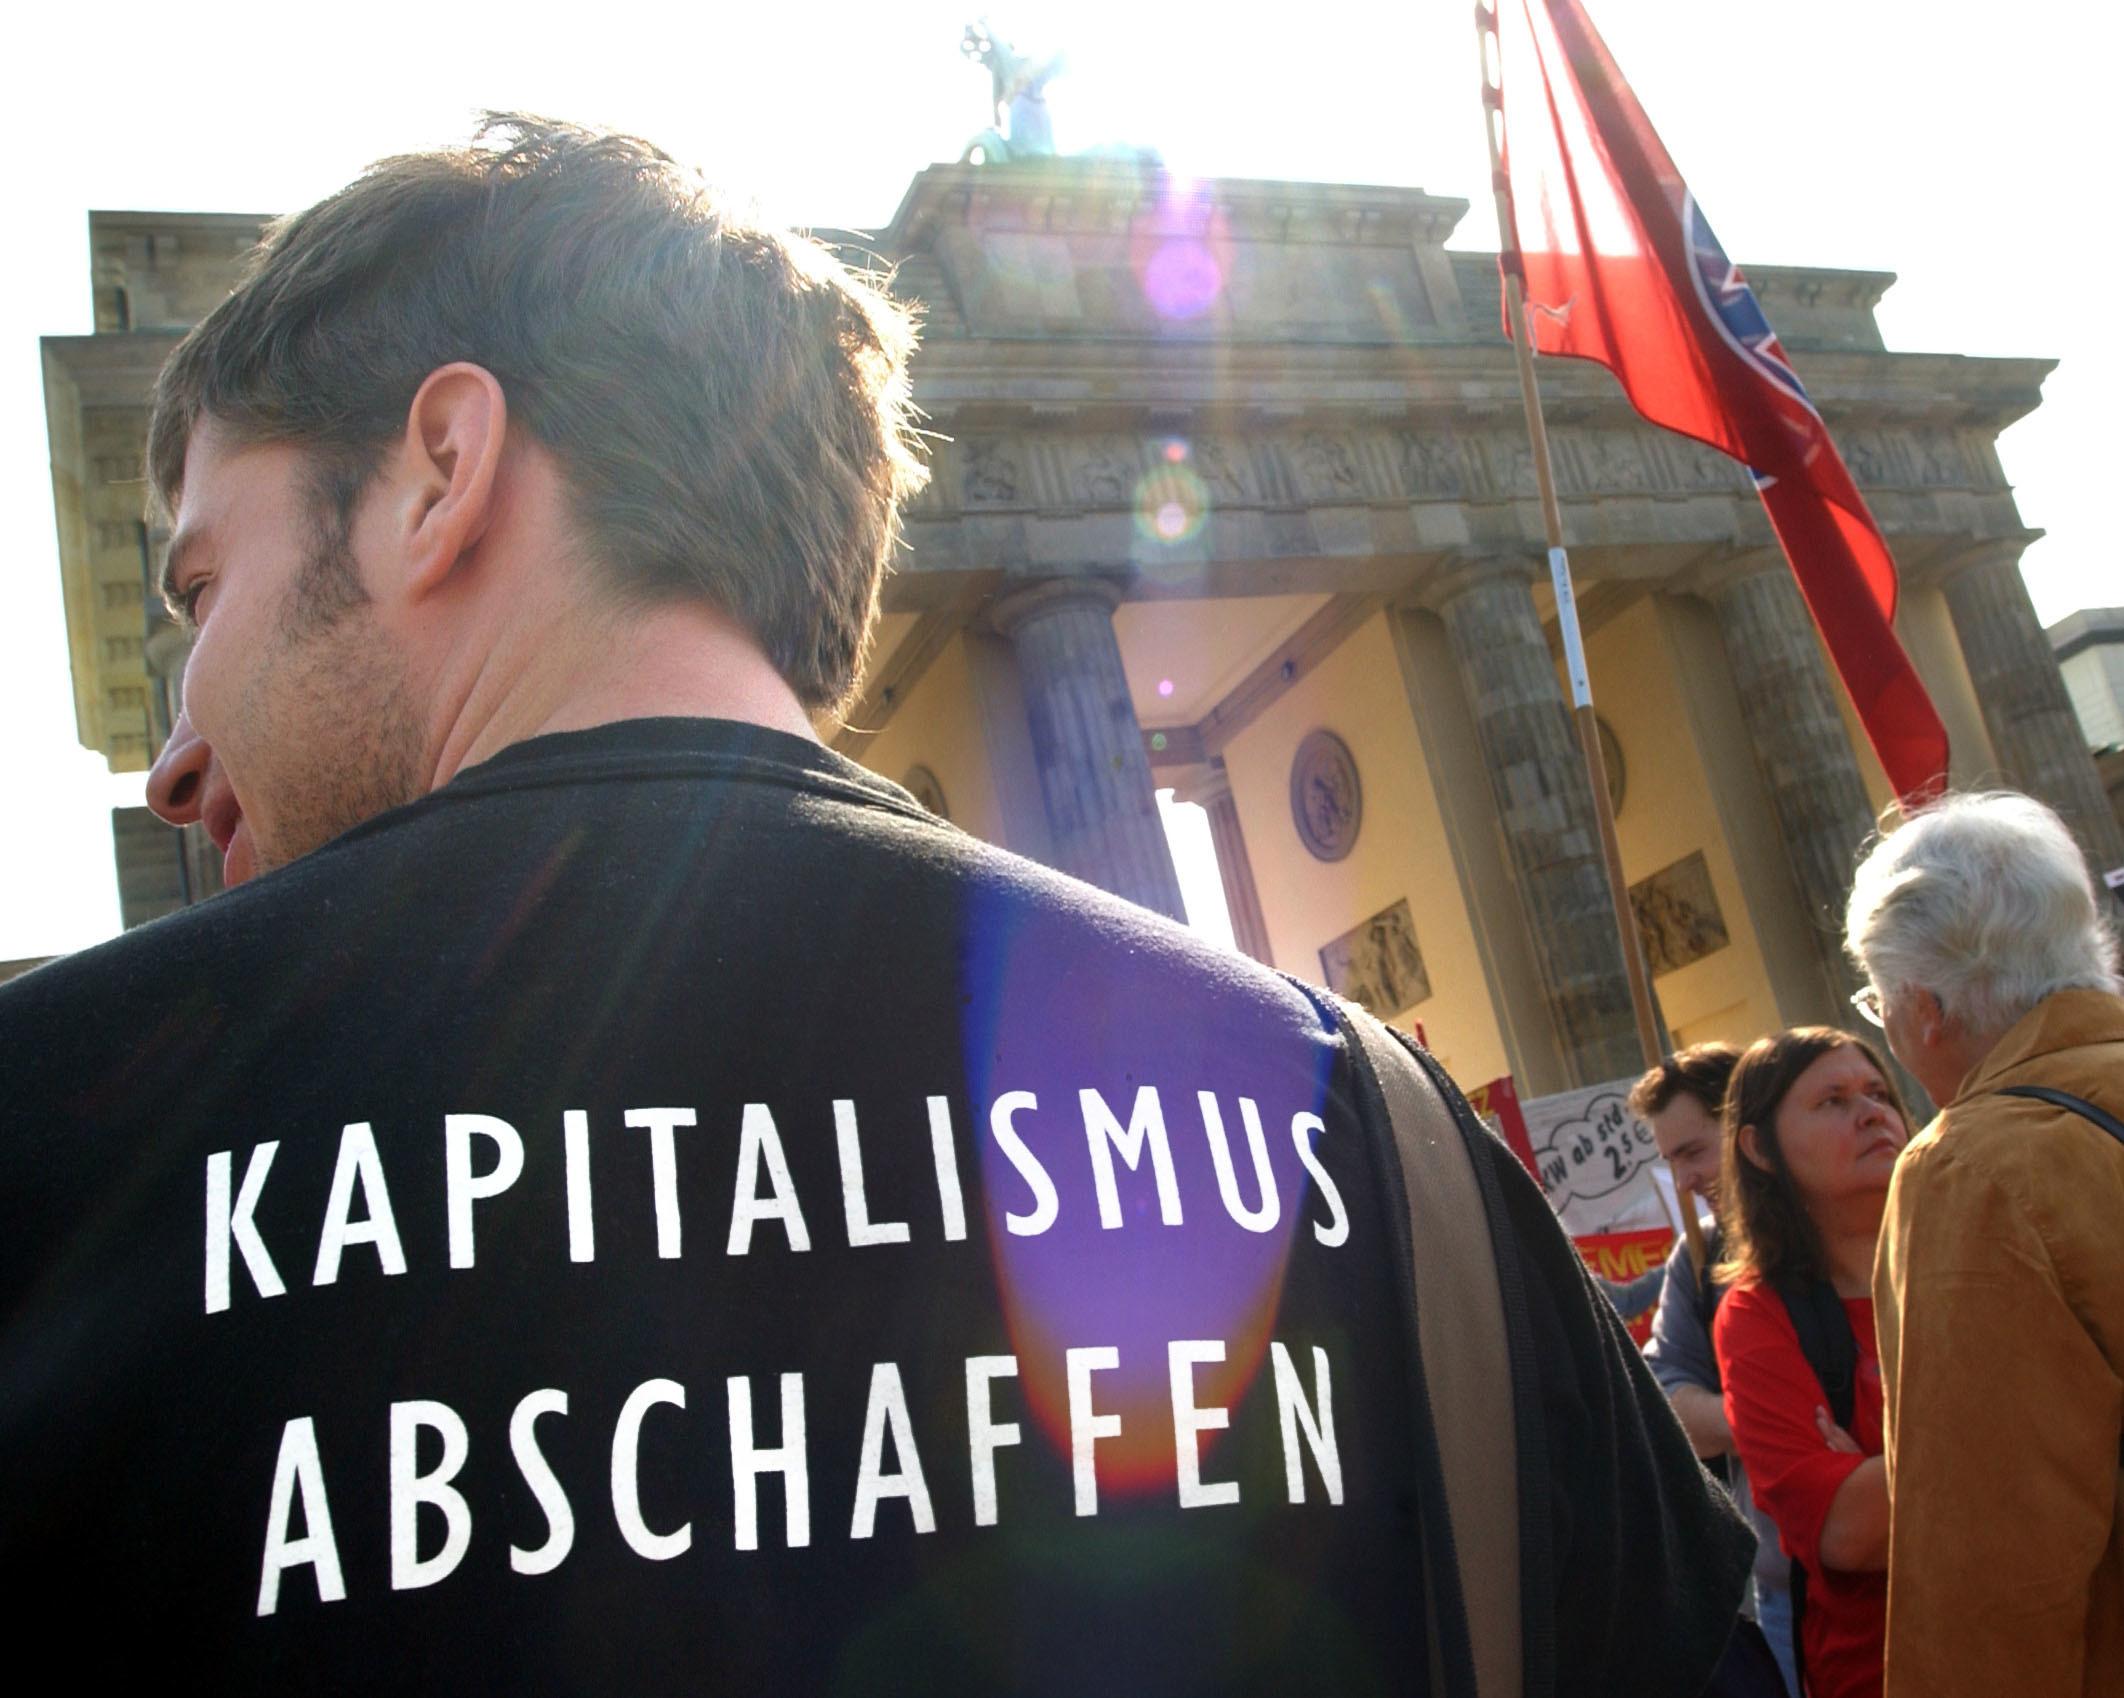 Kapitalismus: Mehrzahl glaubt, das herrschende Wirtschaftssystem schade mehr als es hilft Foto: dpa